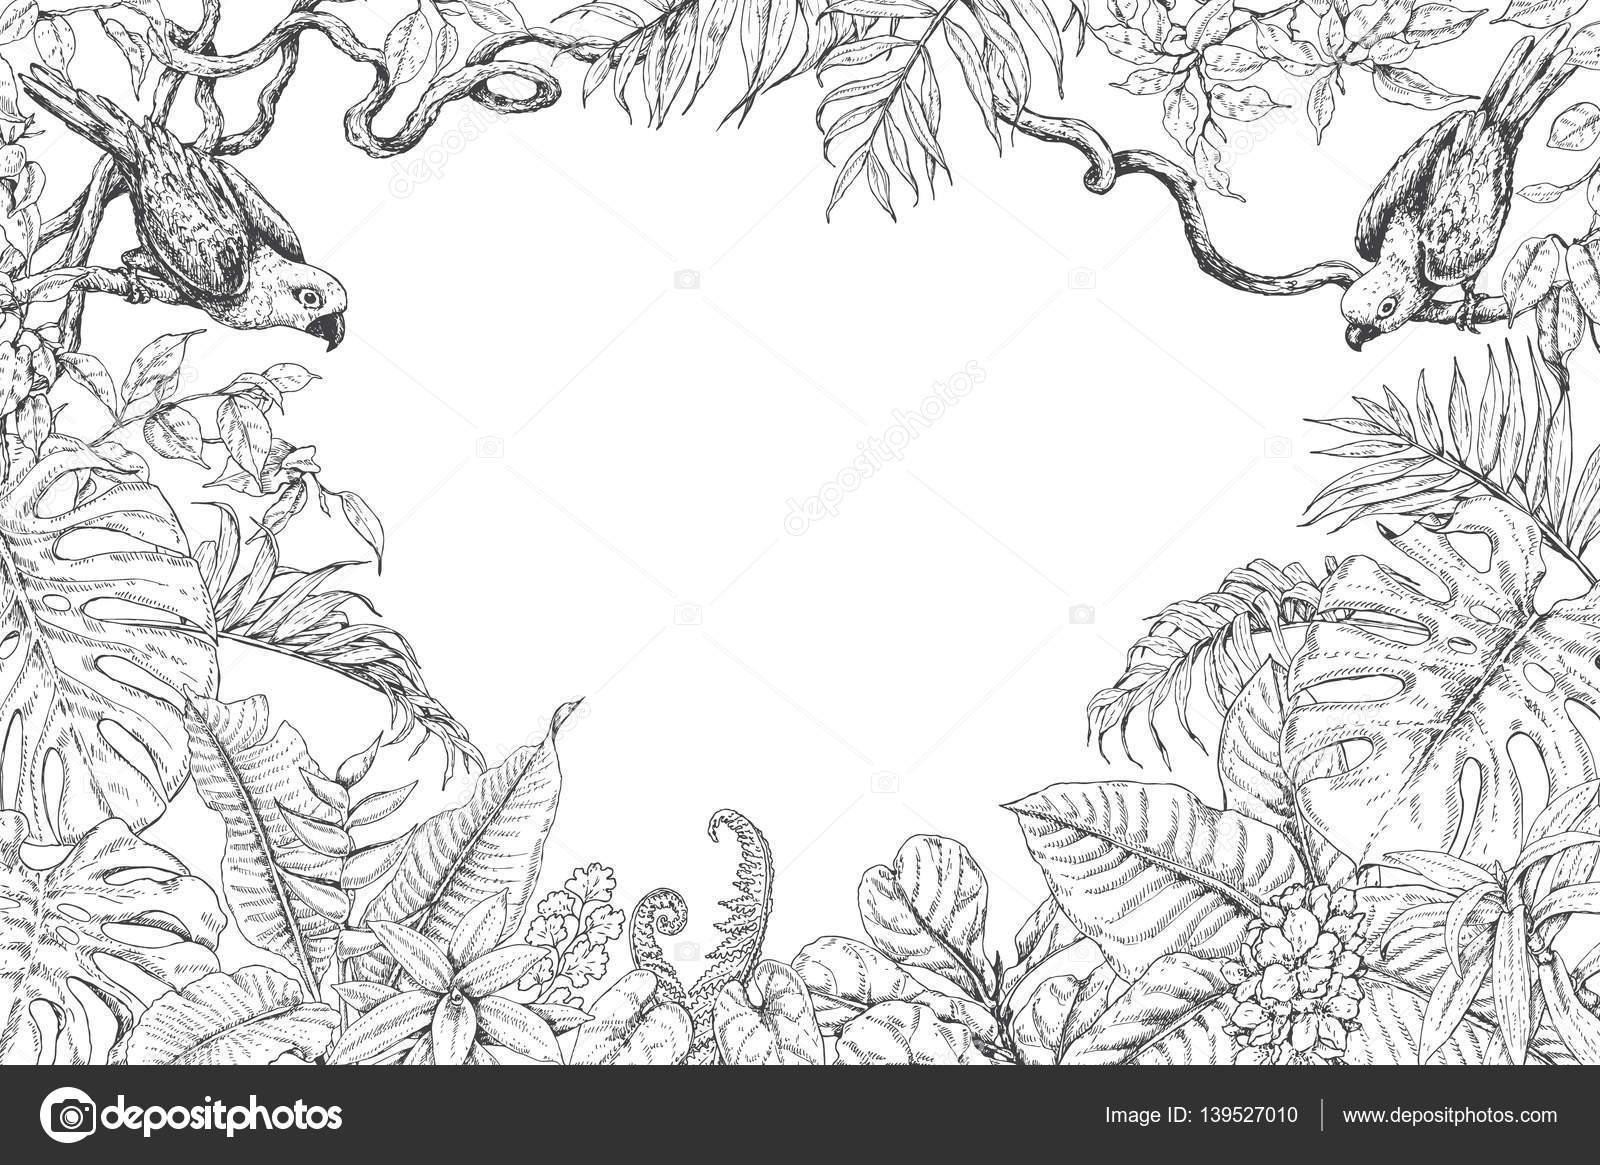 Marco de aves y plantas tropicales — Vector de stock © Valiva #139527010